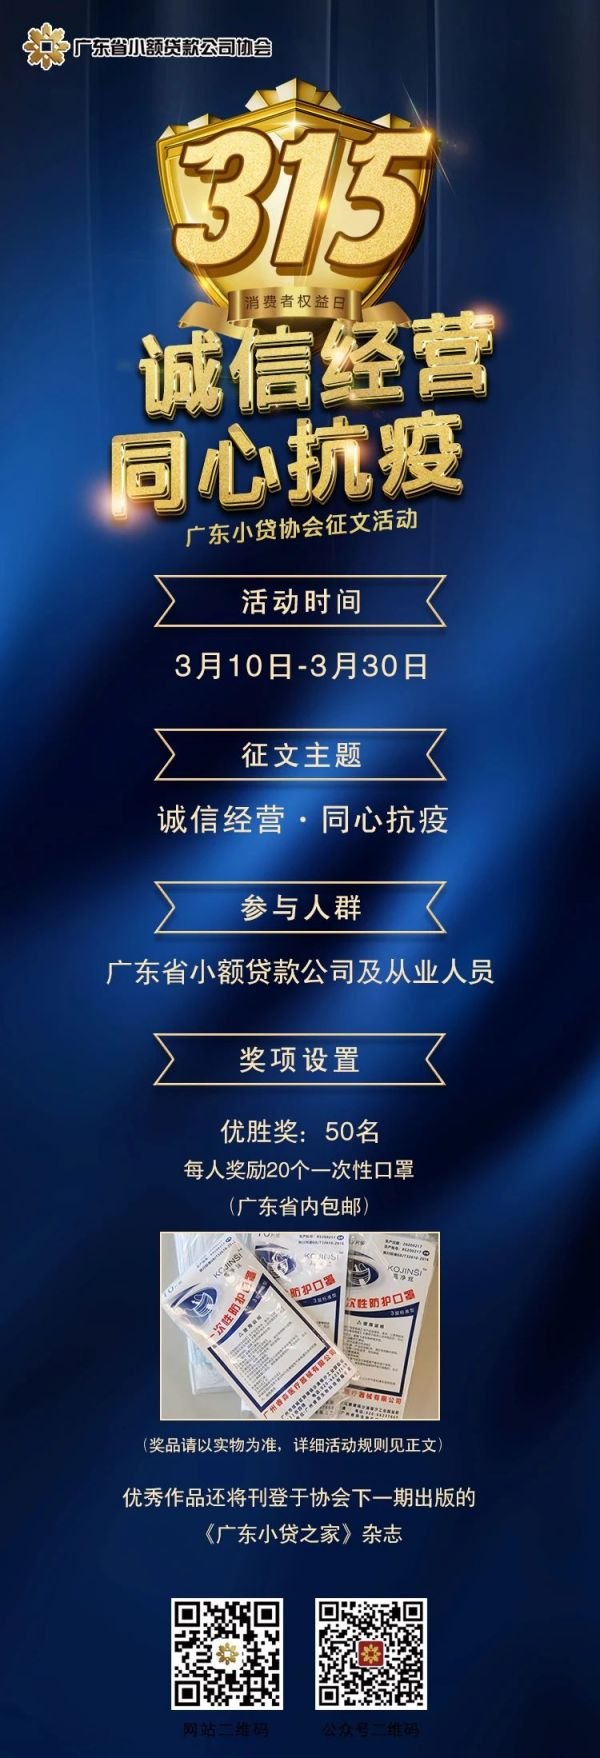 【3·15权益日】诚信经营·同心抗疫——广东小贷协会征文活动